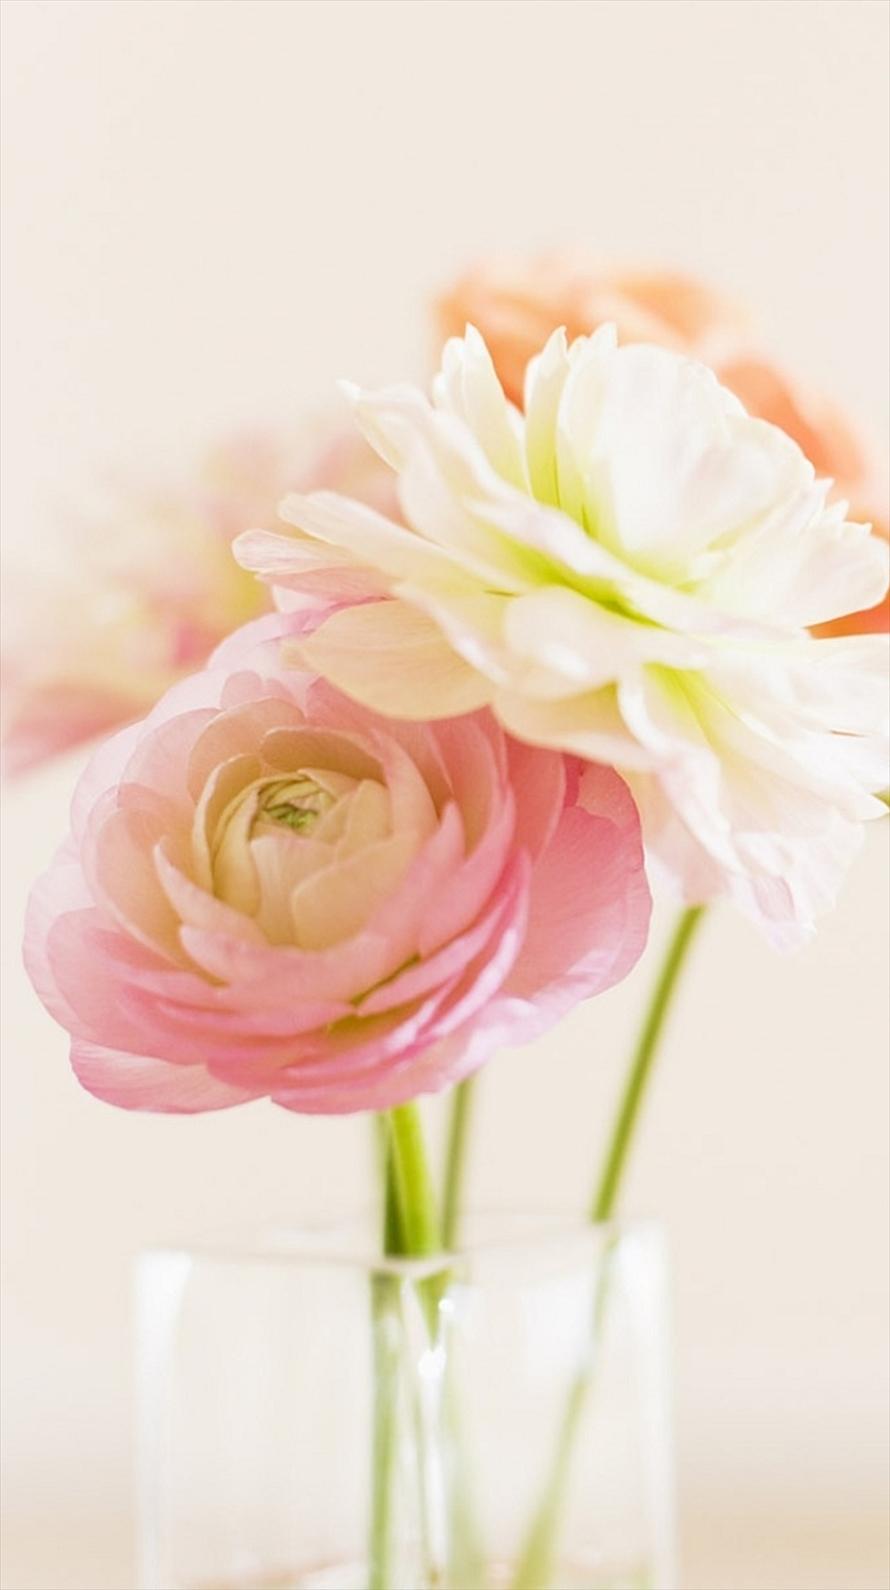 ピンクと白の花 Iphone6壁紙 Wallpaperbox